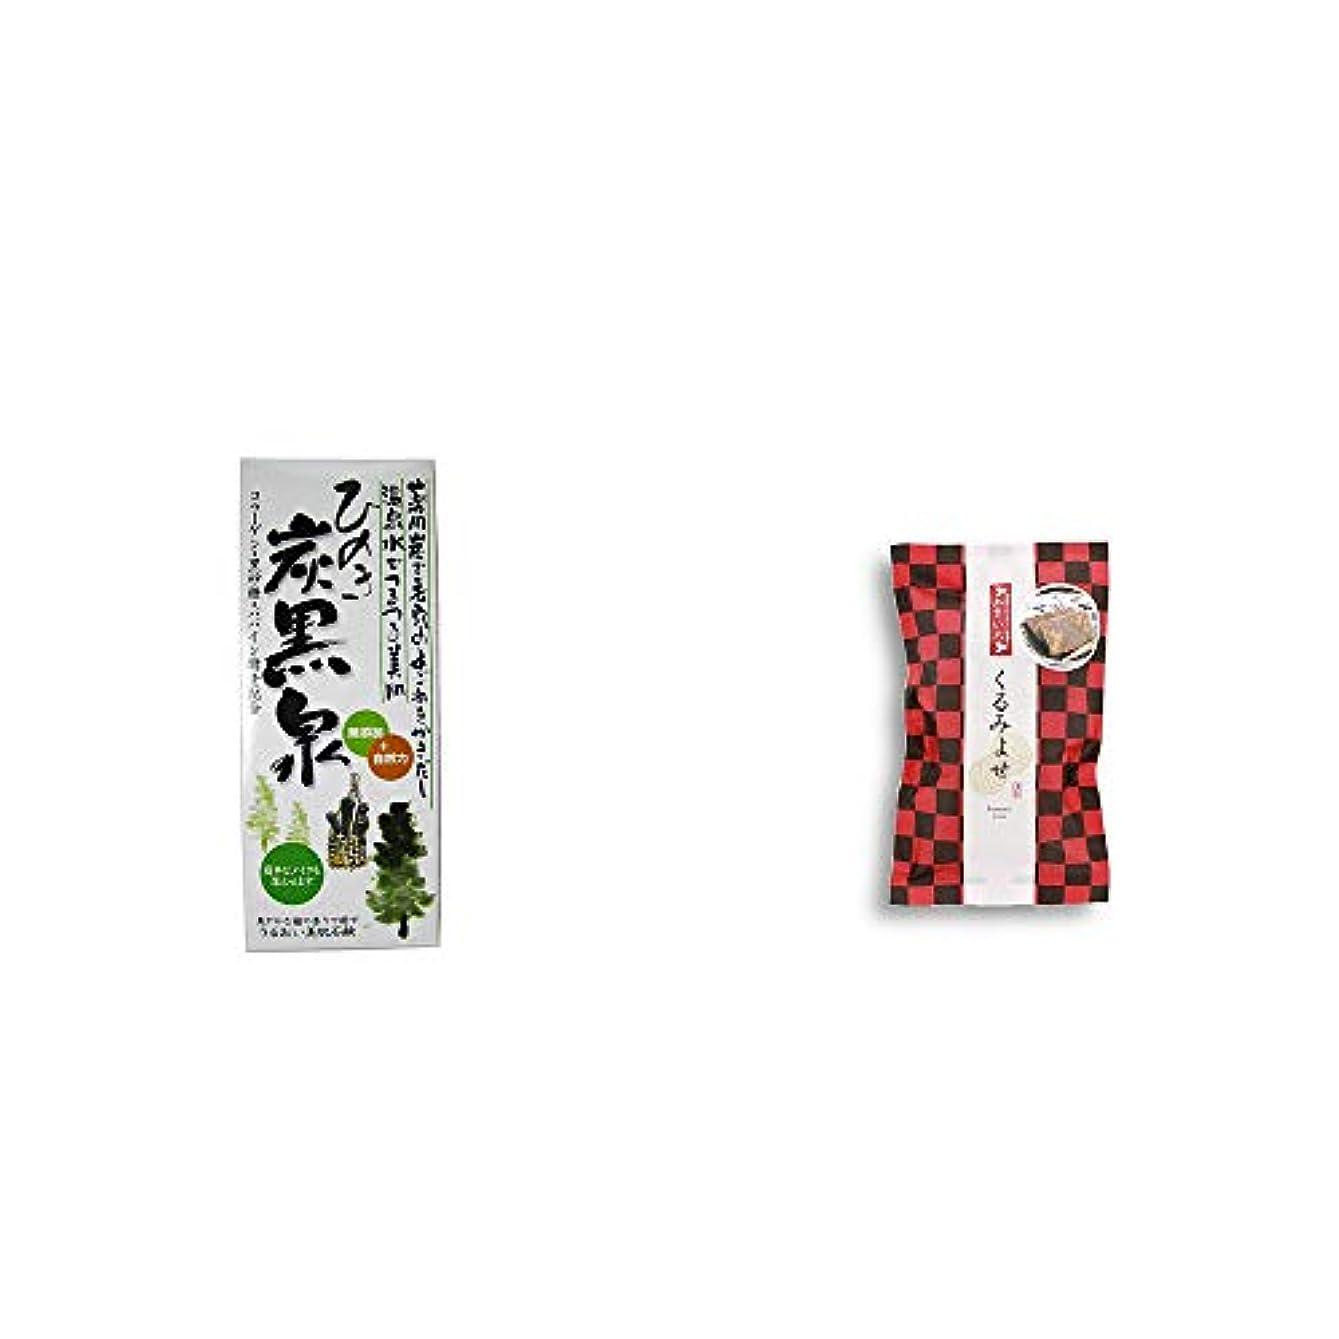 卵圧力ドック[2点セット] ひのき炭黒泉 箱入り(75g×3)?くるみよせ(こし餡)(5個入)